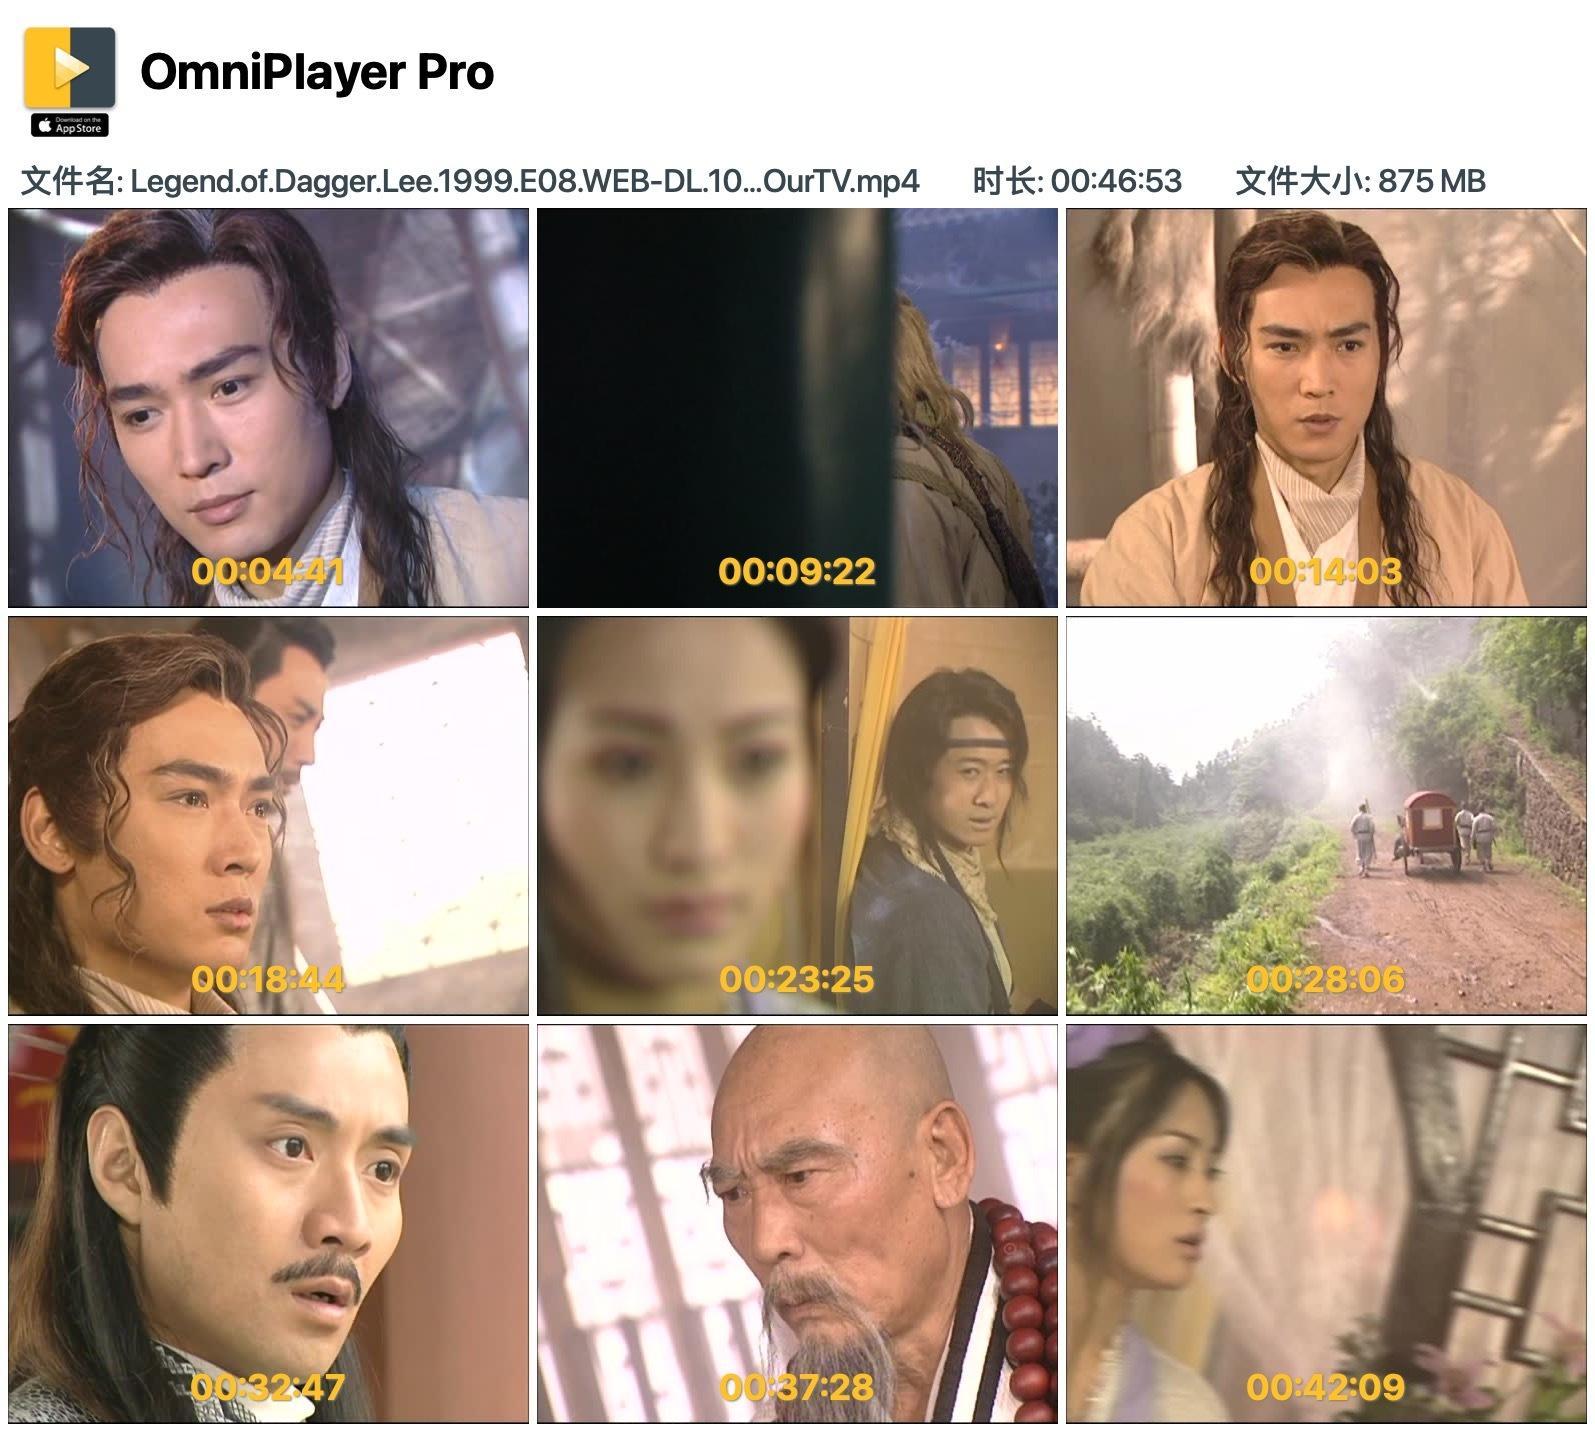 小李飞刀四十集无删减版 1080P的图片-高老四博客